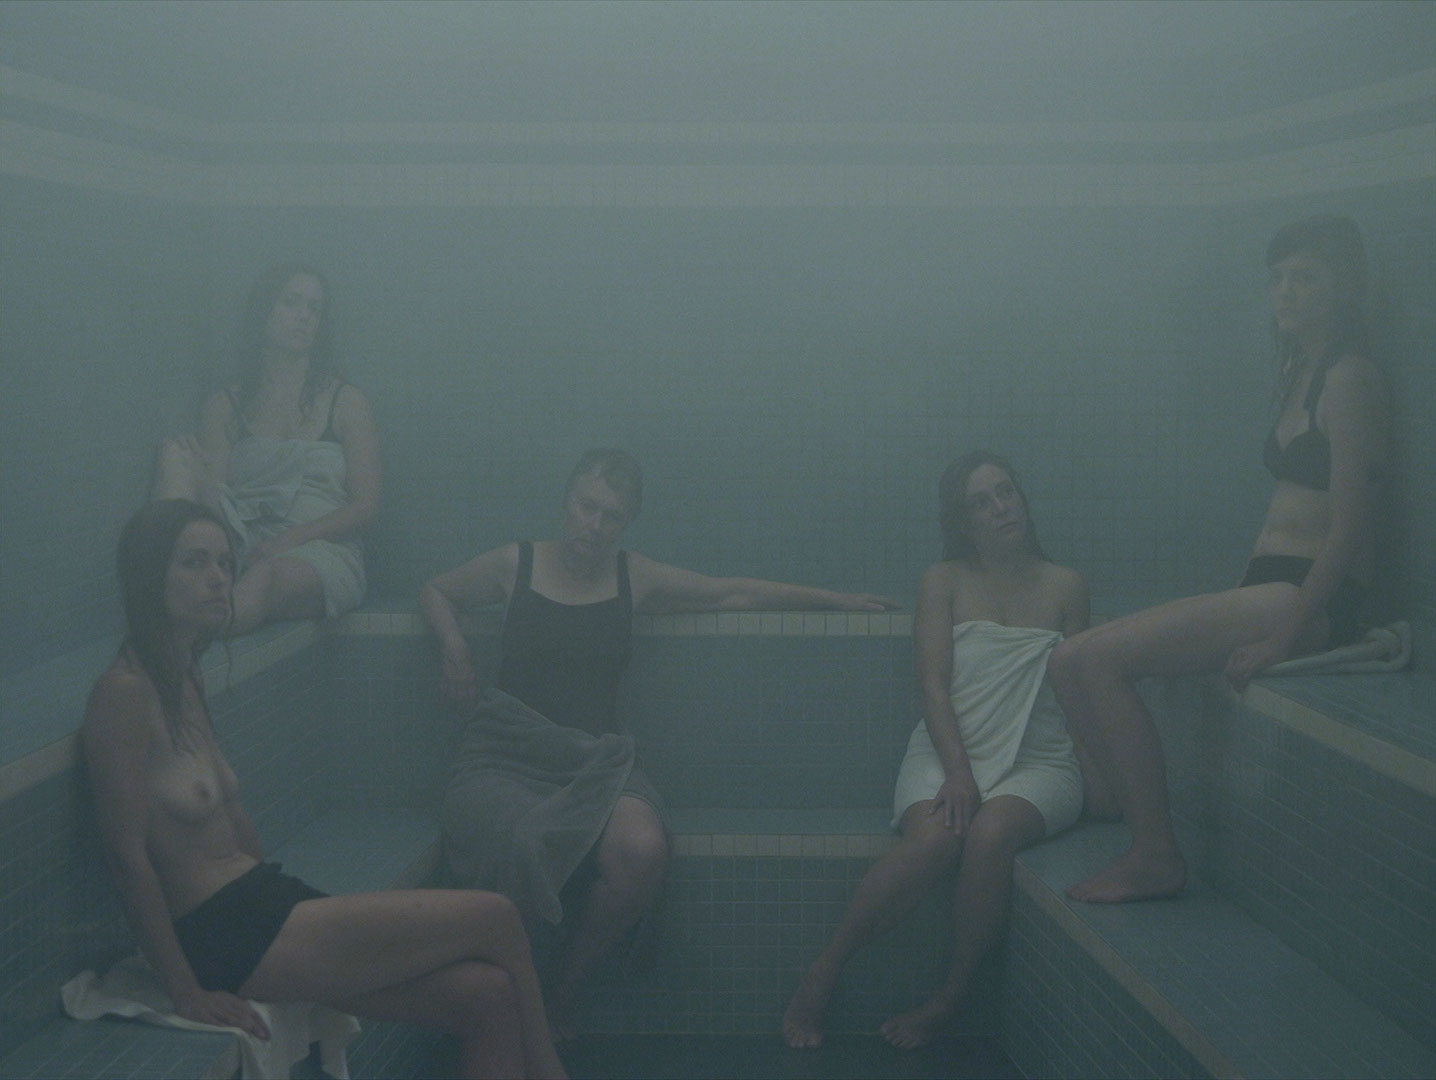 arrêt sur image de L'Étuve, 2011, Olivia Boudreau, Vidéogramme couleur haute définition, 20 min 38 s, son, 1/3.